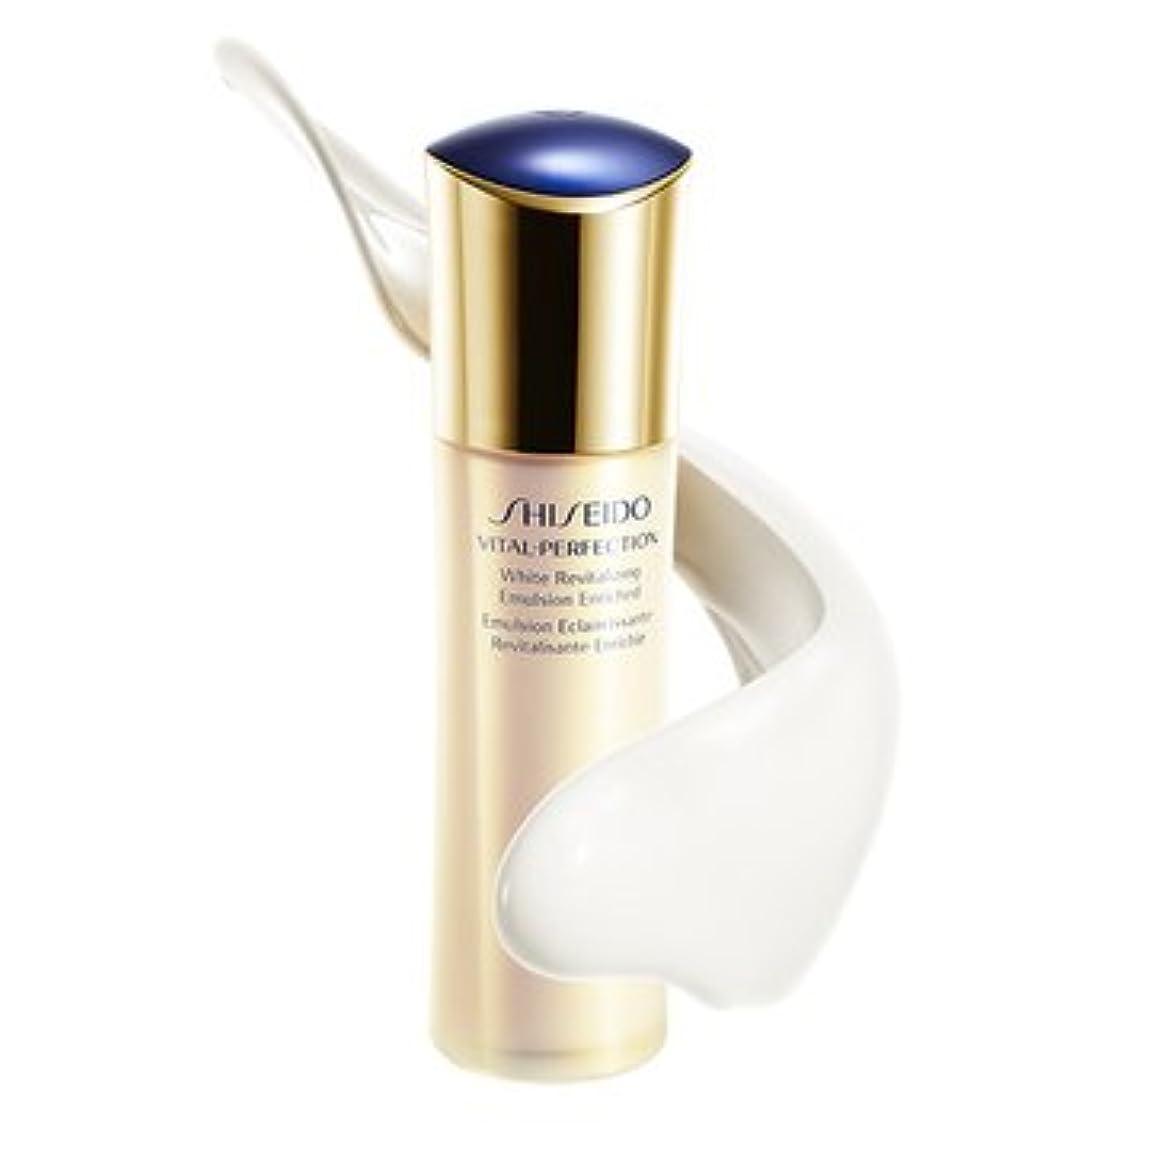 用心深いヒロインヒント資生堂/shiseido バイタルパーフェクション/VITAL-PERFECTION ホワイトRV エマルジョン(医薬部外品)美白乳液